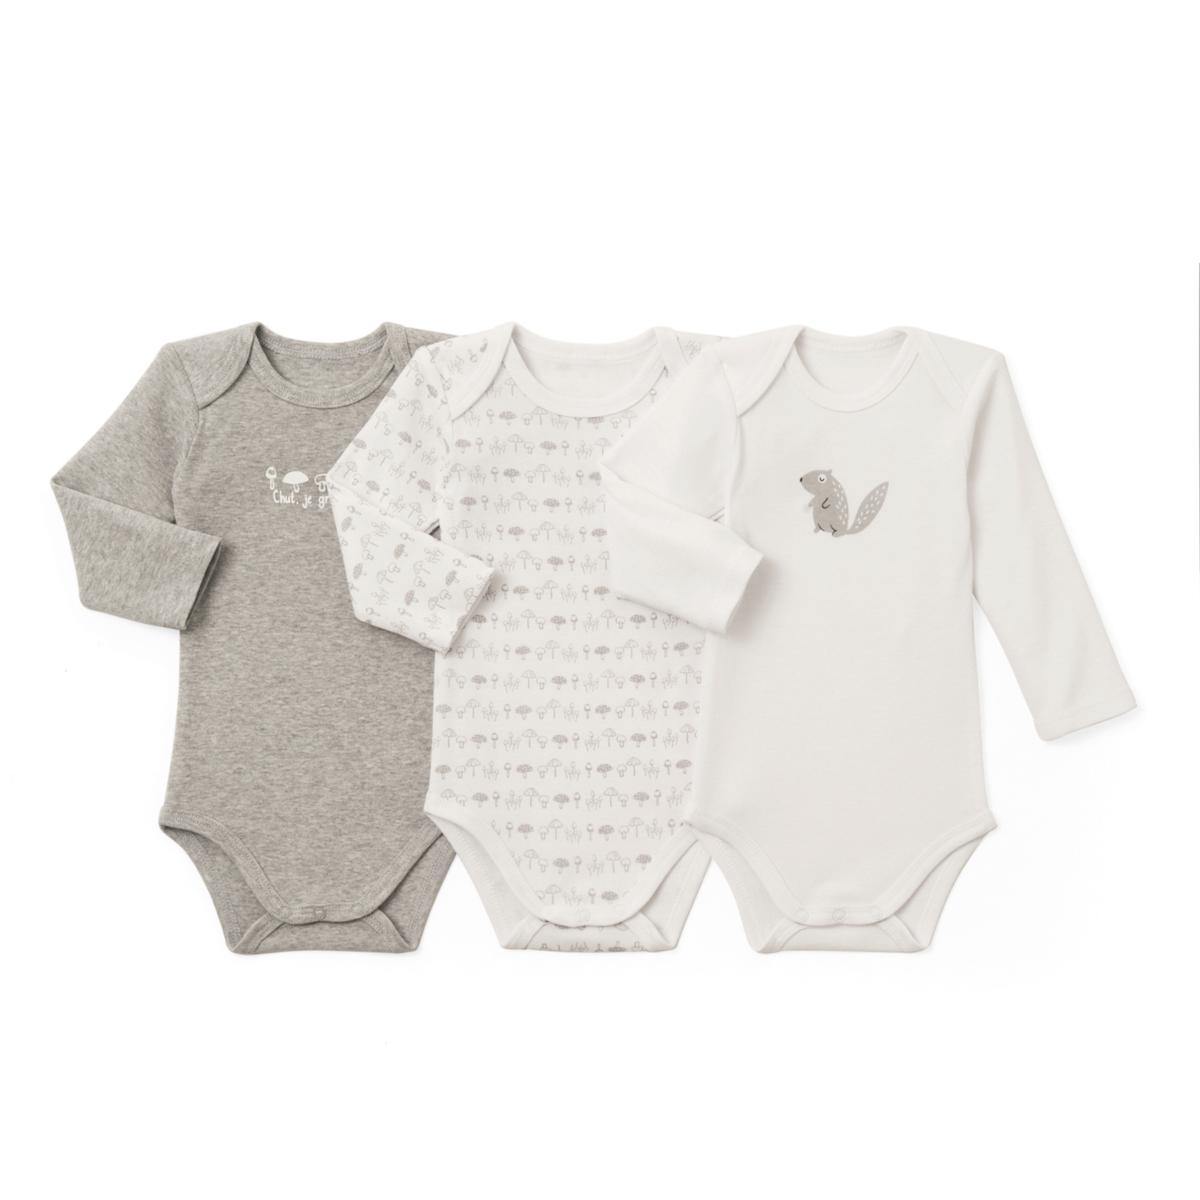 Комплект из 3 хлопковых боди для новорожденных 0 - 3 года